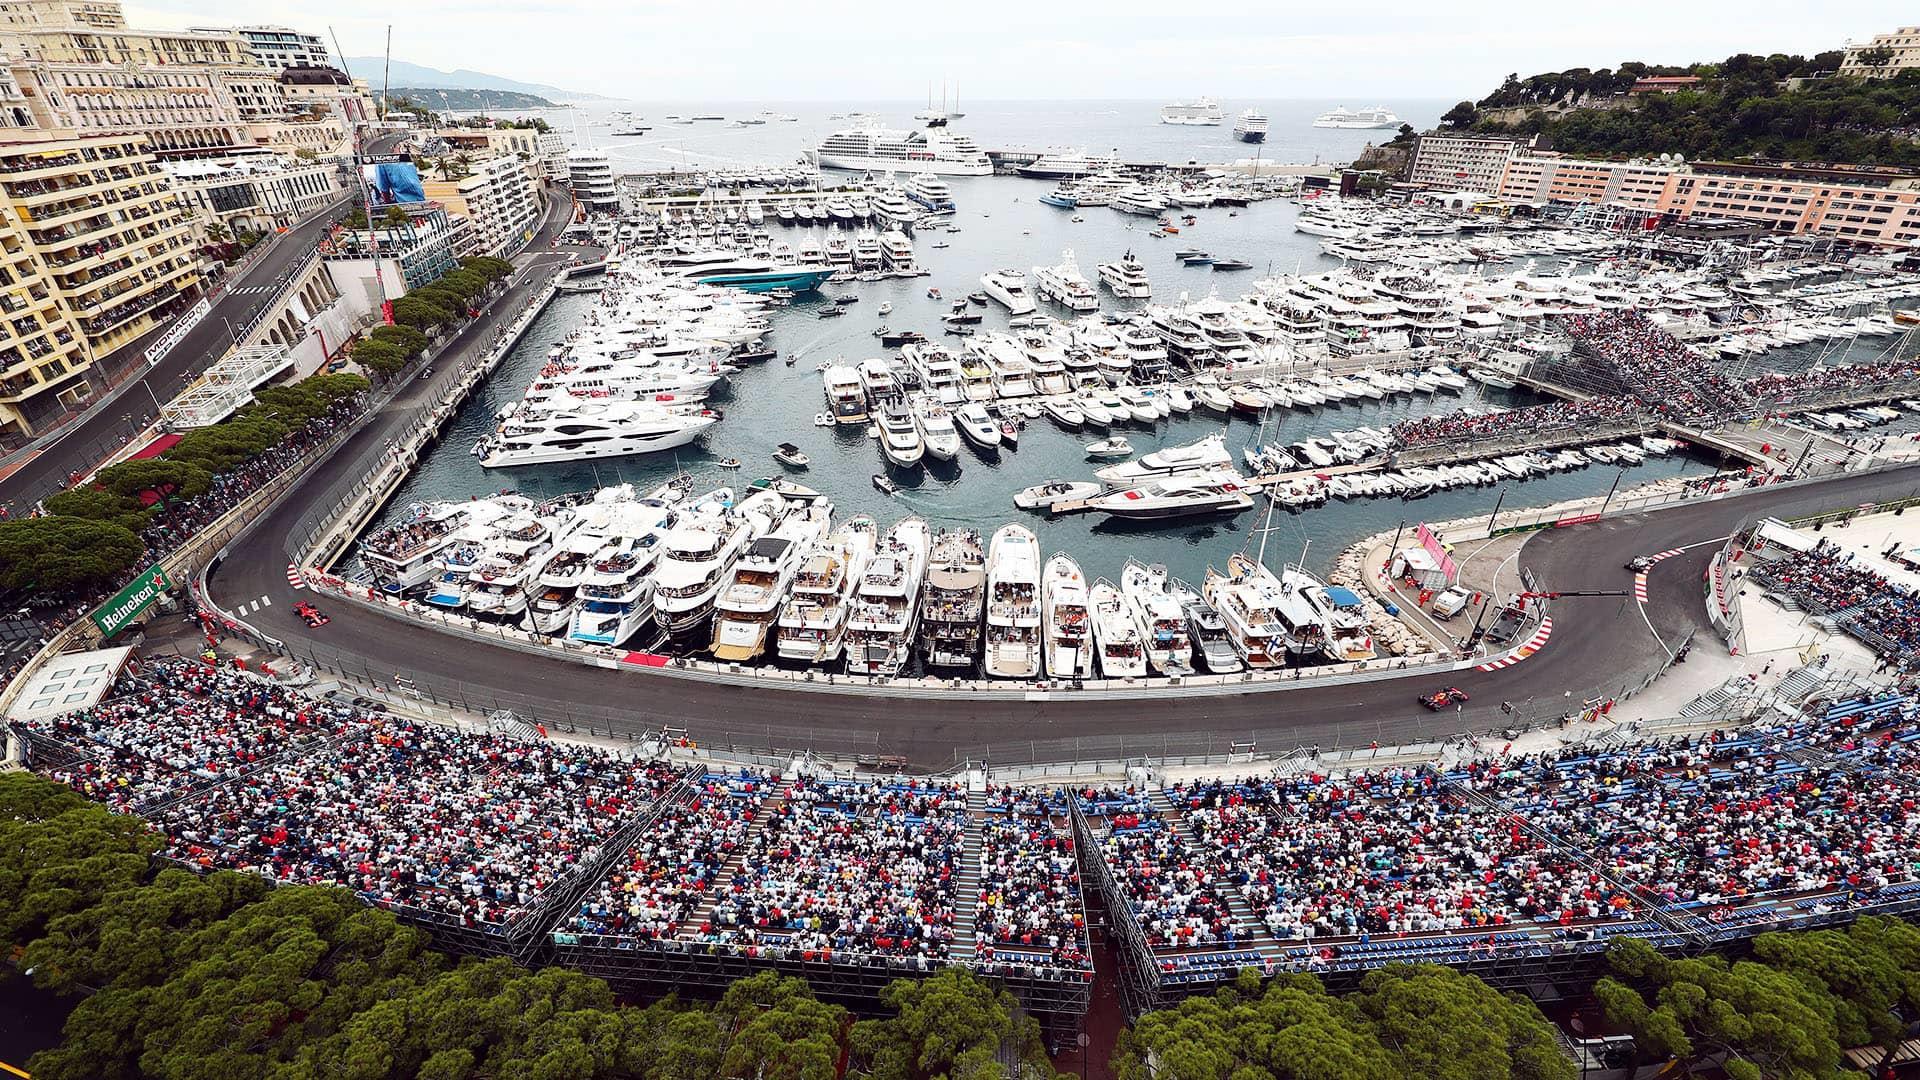 الفورمولا 1: إمكانية عودة الجماهير في جائزة موناكو الكبرى